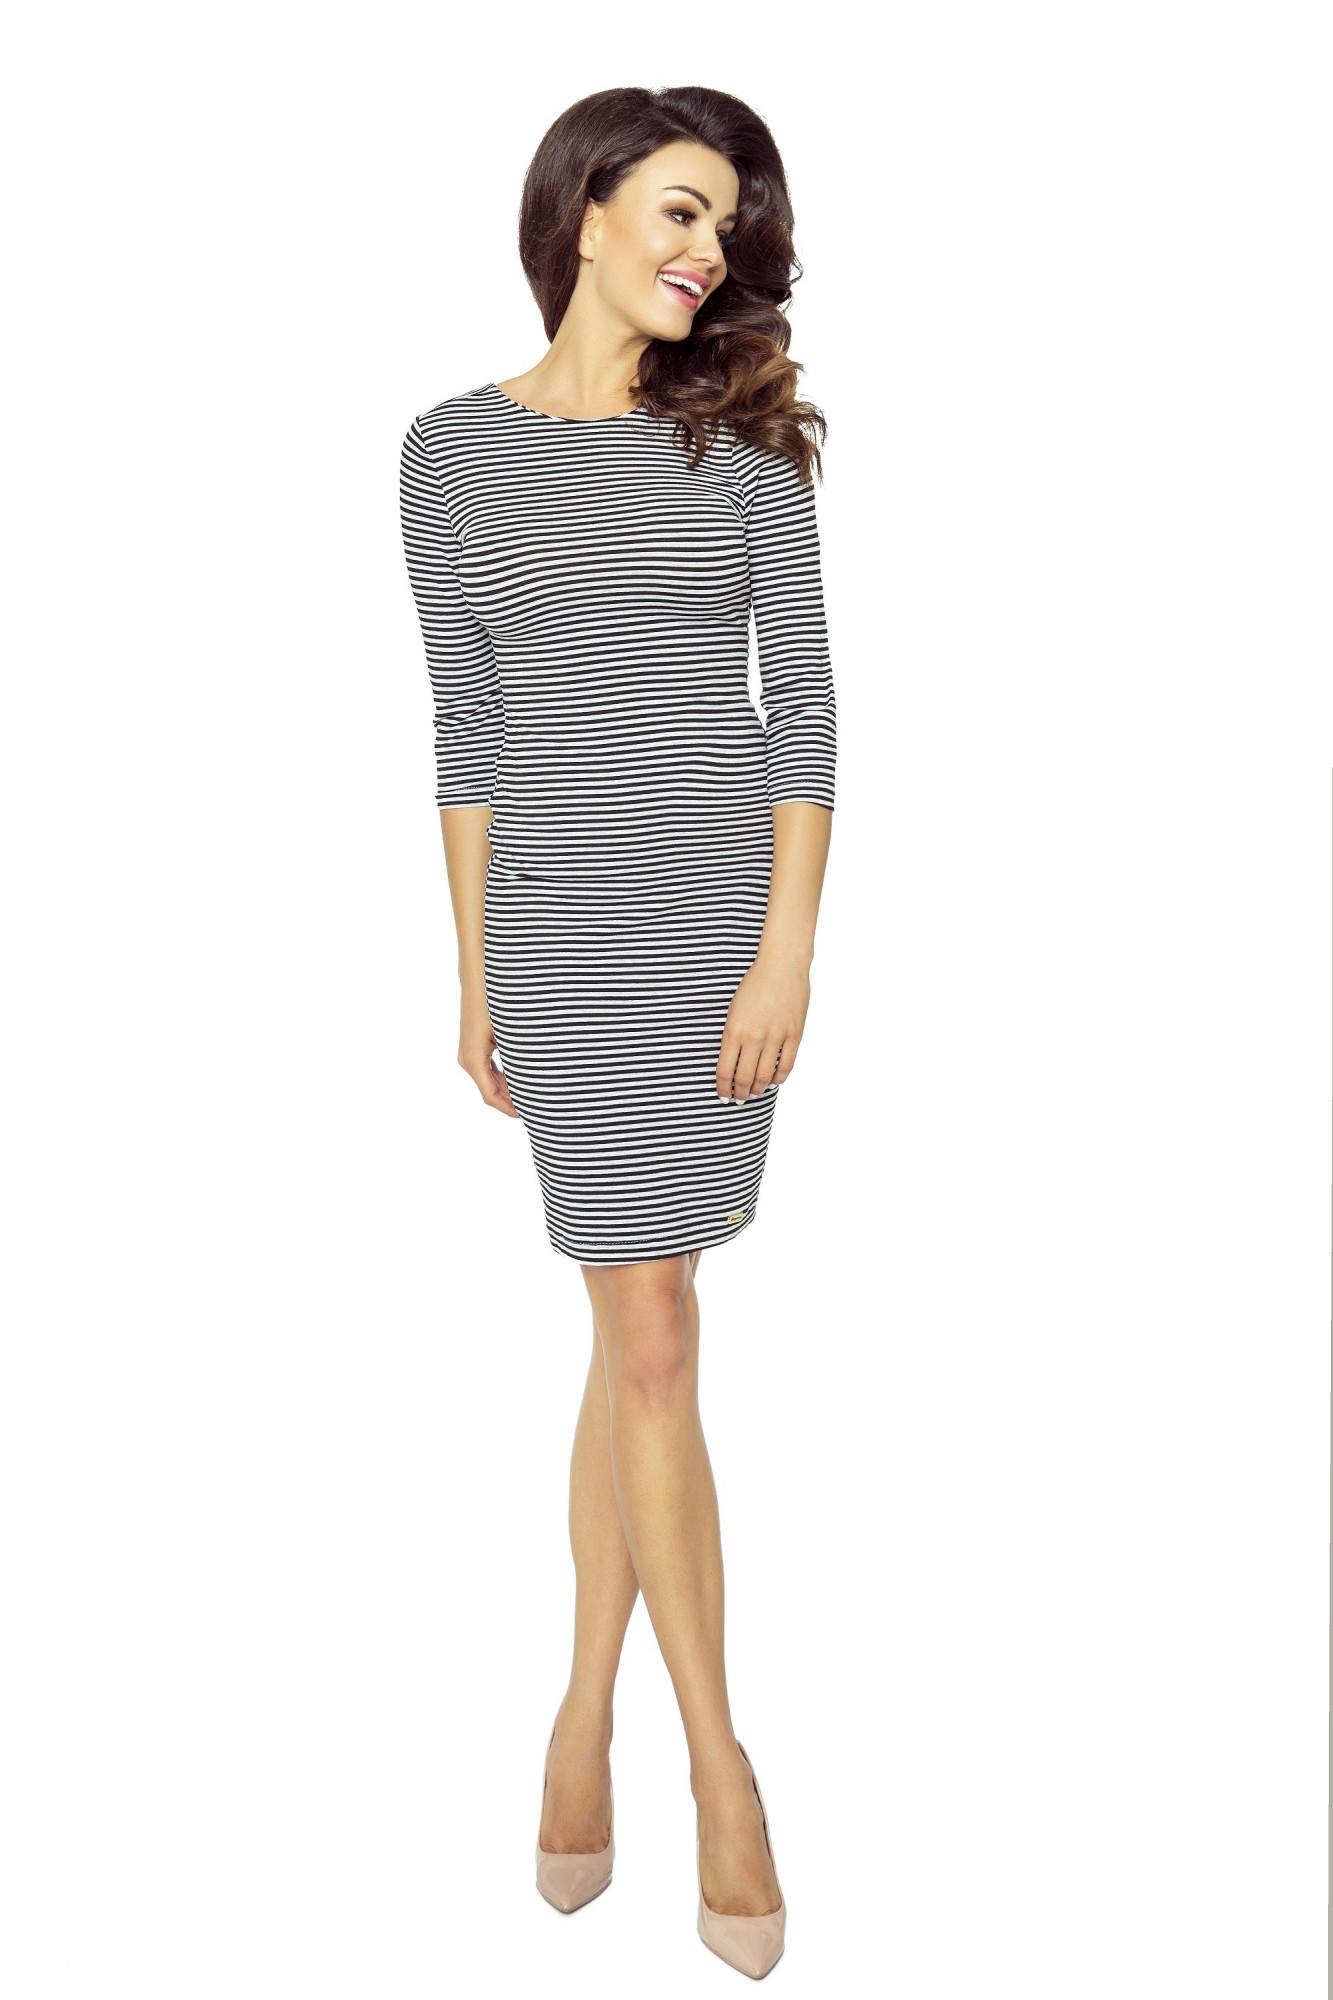 Dámské šaty M50628-CN16-1 - BERGAMO Barva: černo - bílá, Velikost: M